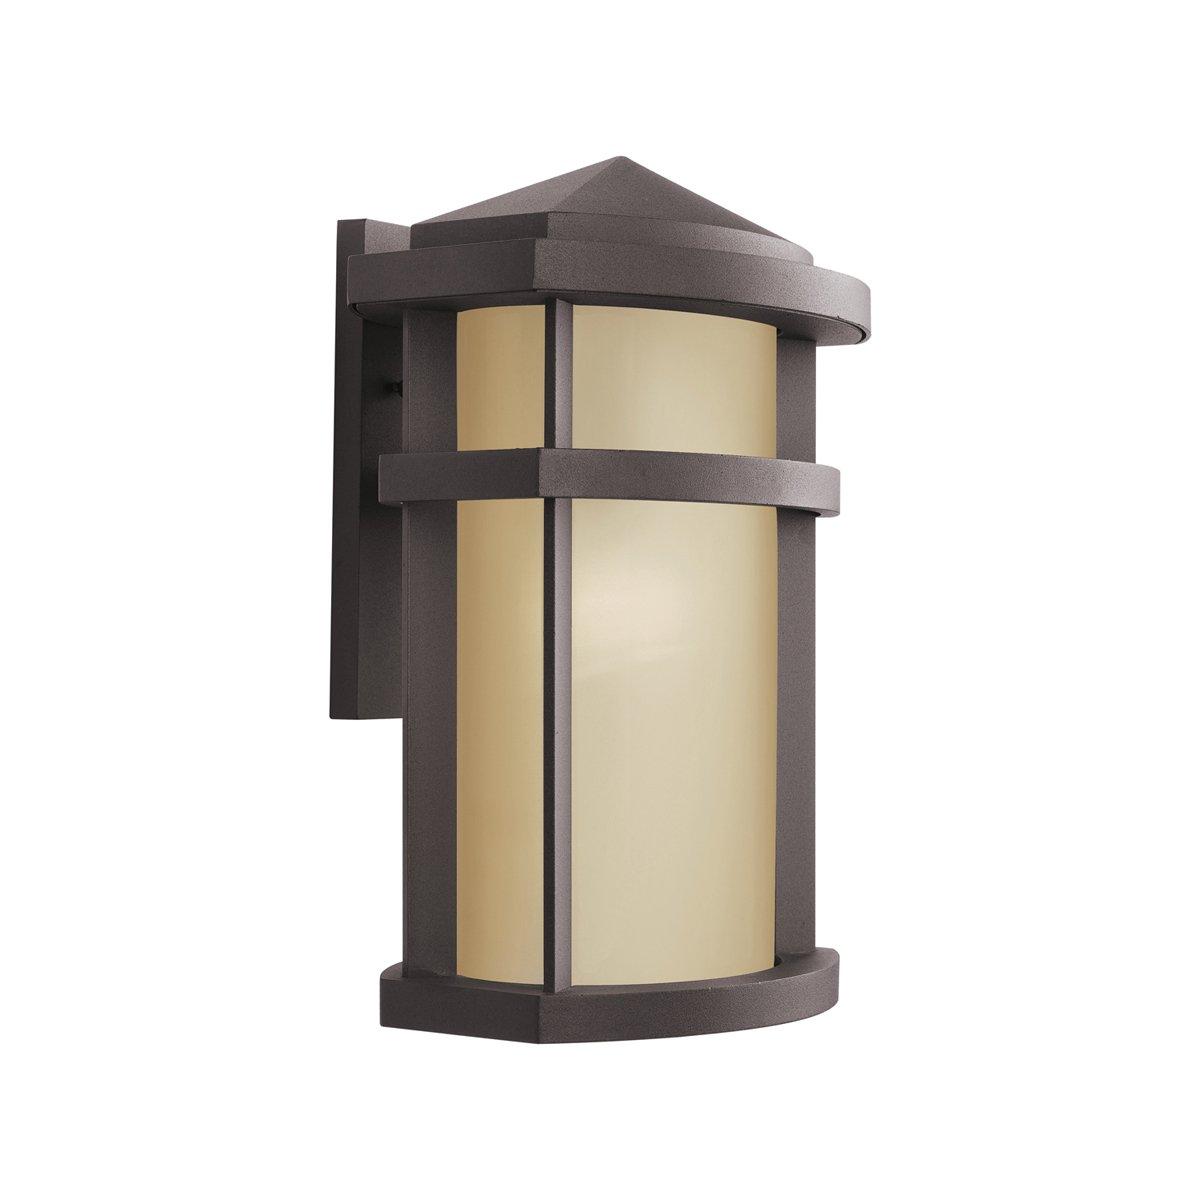 Kichler 9166az lantana outdoor wall 1 light architectural bronze kichler 9166az lantana outdoor wall 1 light architectural bronze wall porch lights amazon aloadofball Choice Image